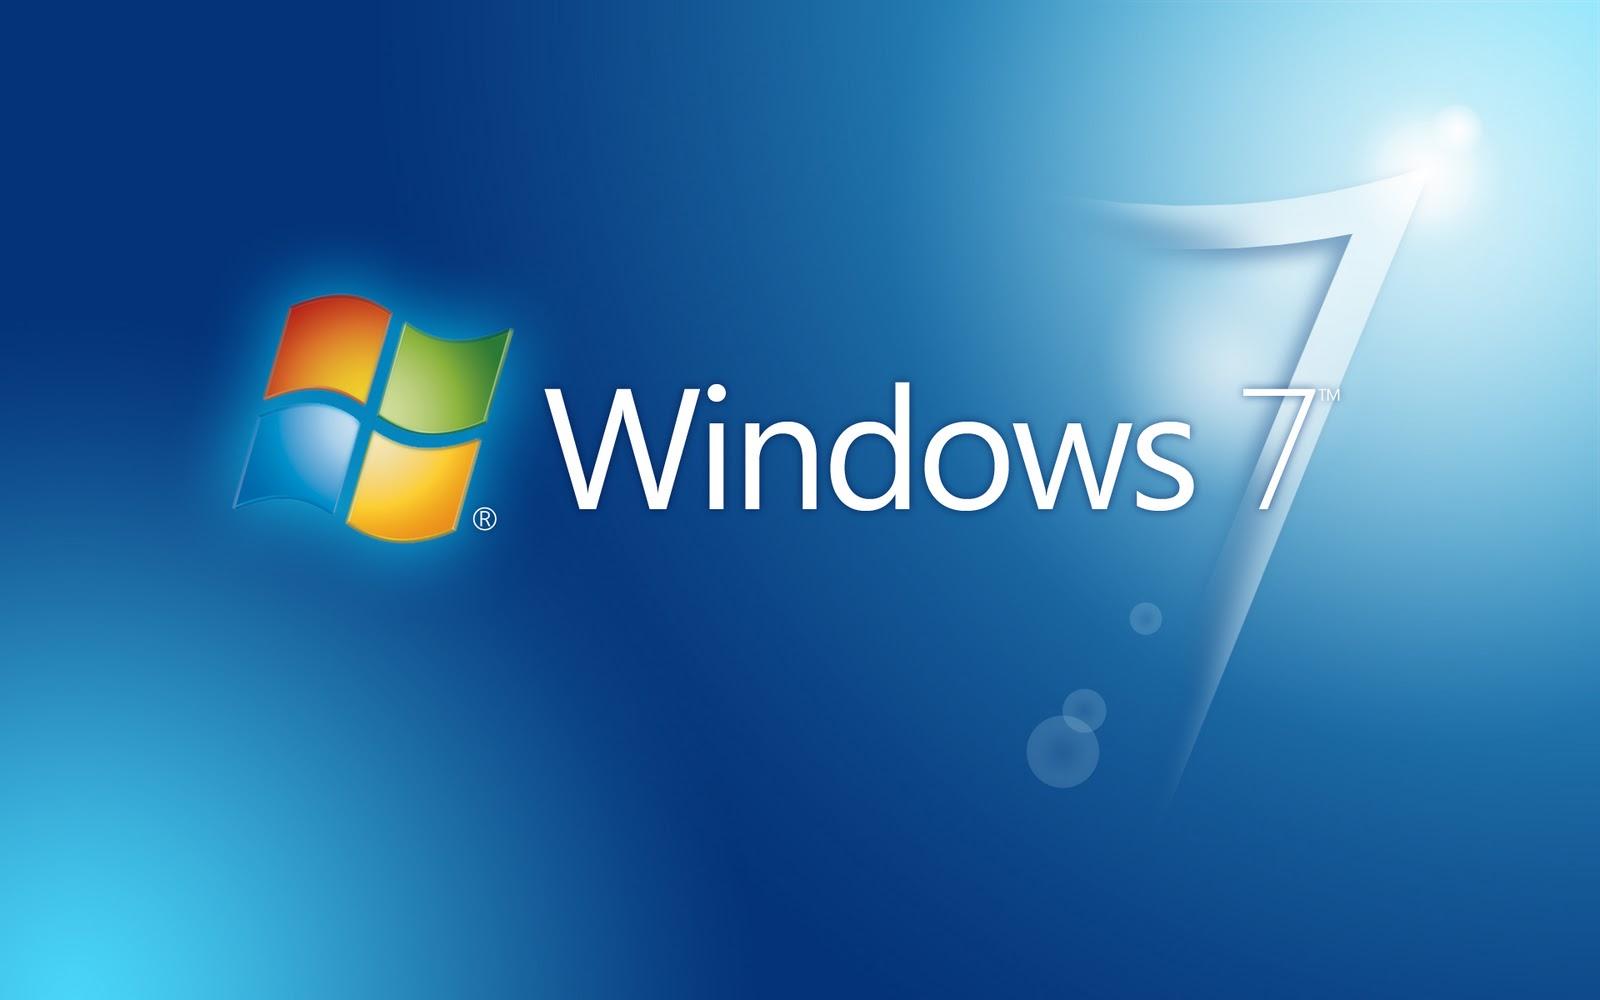 http://2.bp.blogspot.com/-Y8IGRmHJZcc/UF1GQFTqT8I/AAAAAAAAAiU/MvNmV48lfzM/s1600/windows-7-002.jpg